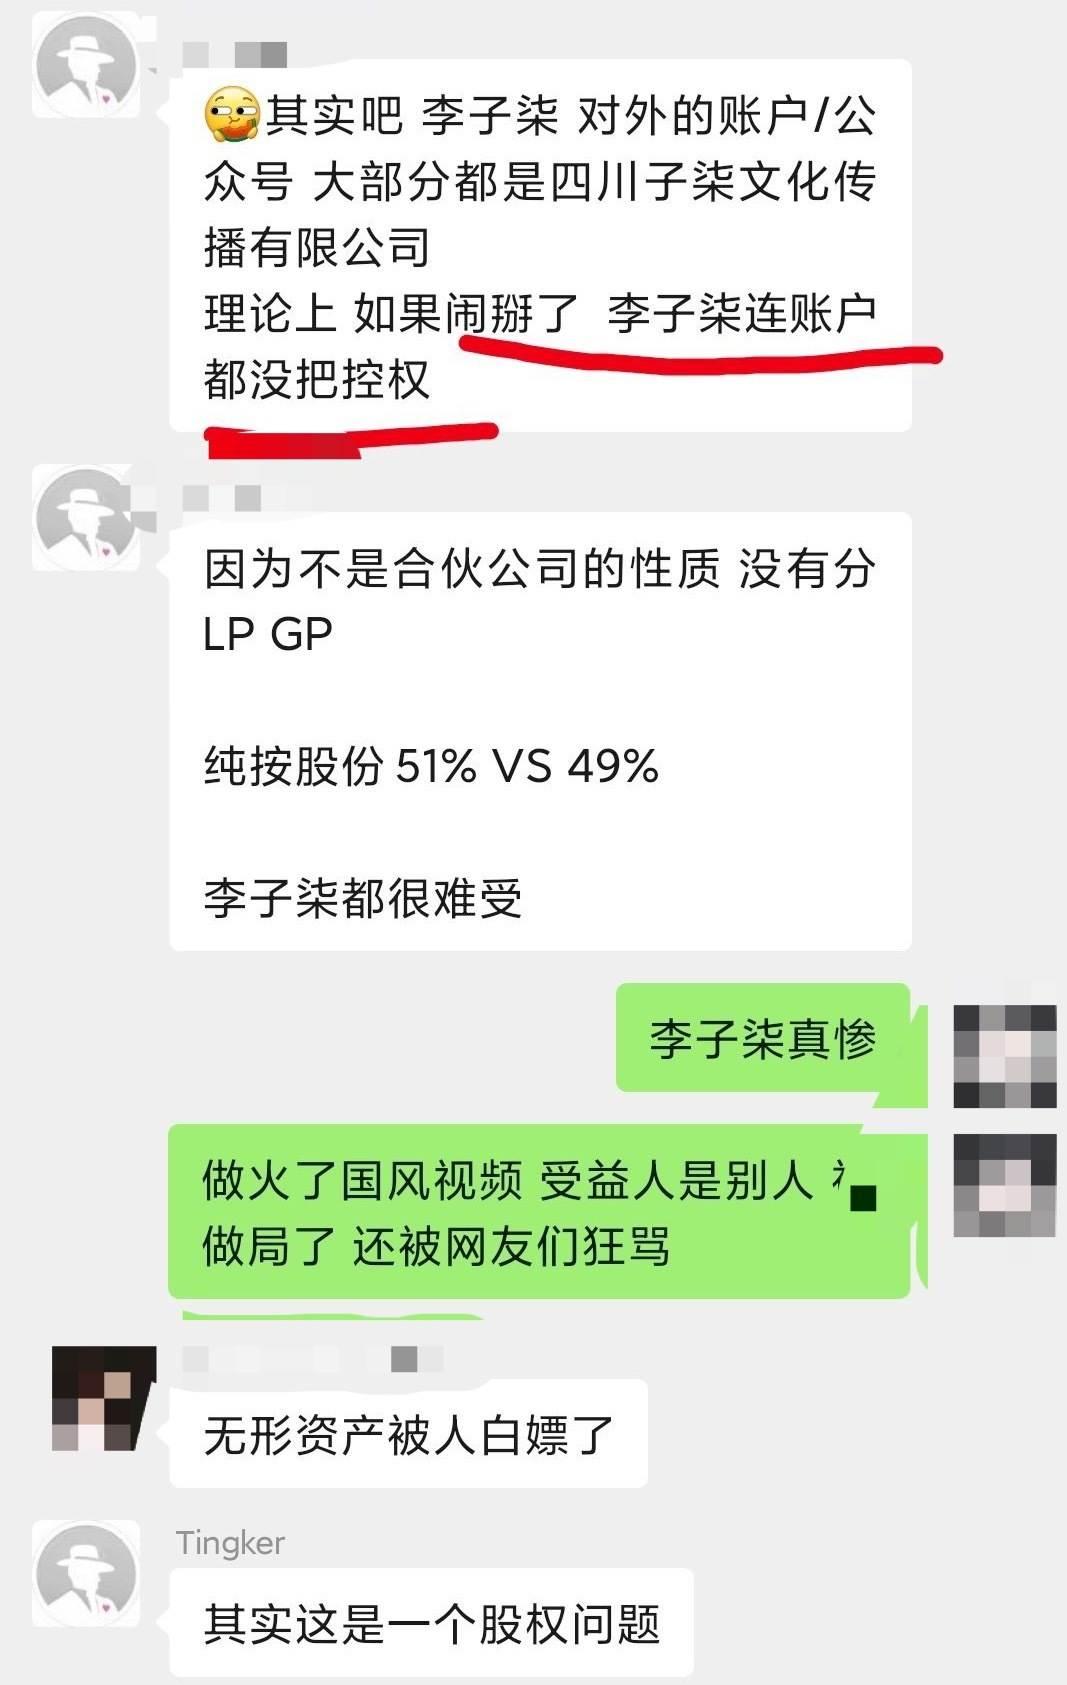 李子柒迷局:视频停更66天 千万网红斗不过资本? 无忧杂谈 第5张